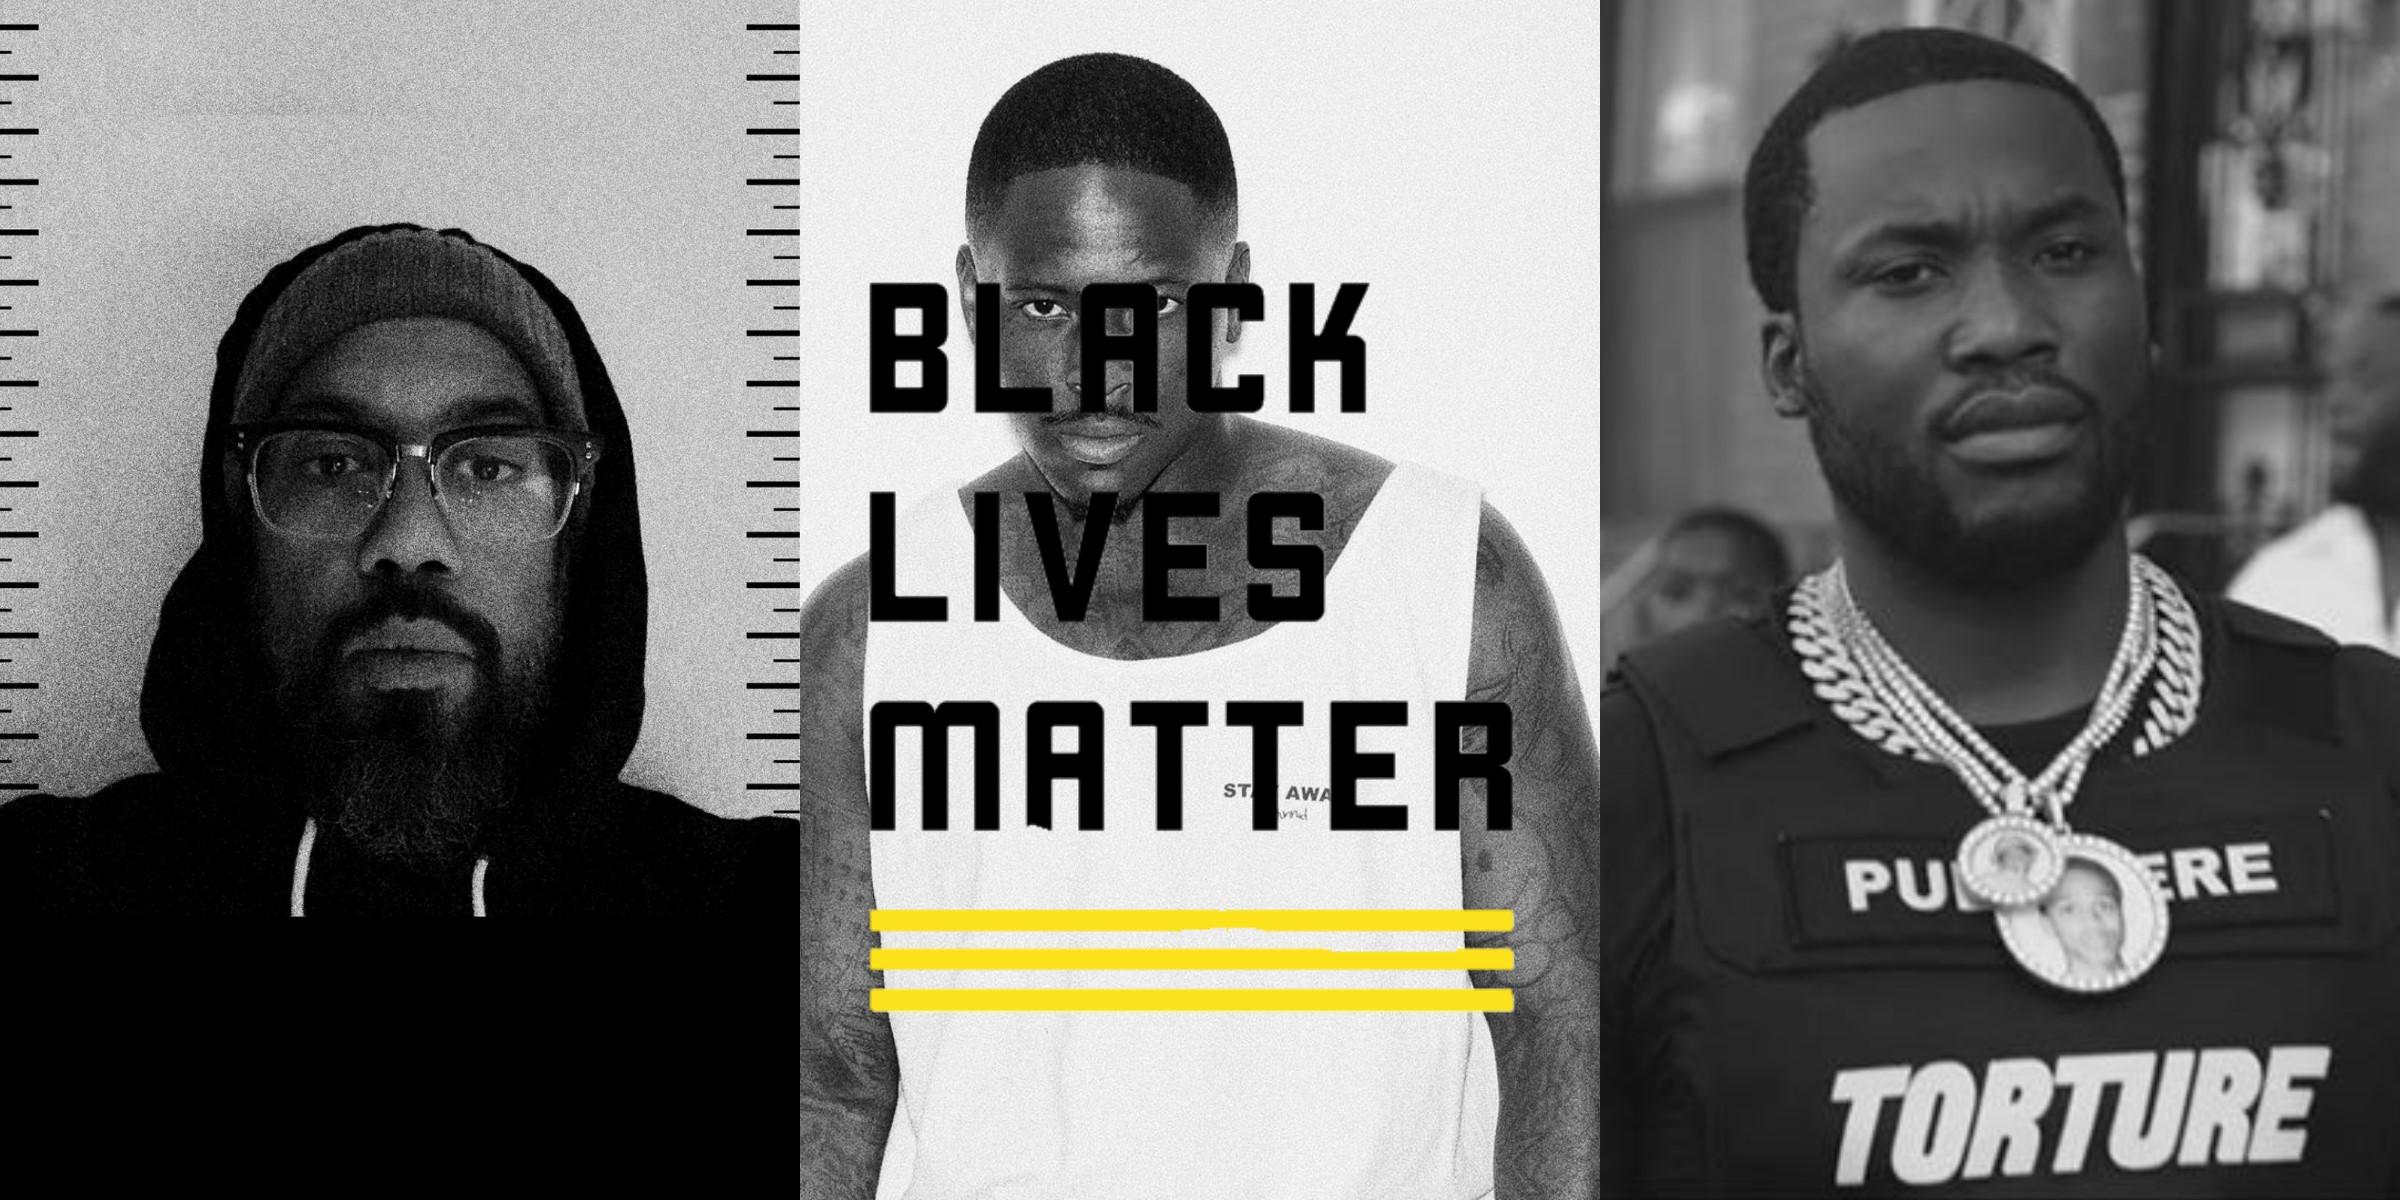 Das musikalische Update zu den BlackLivesMatter-Protesten